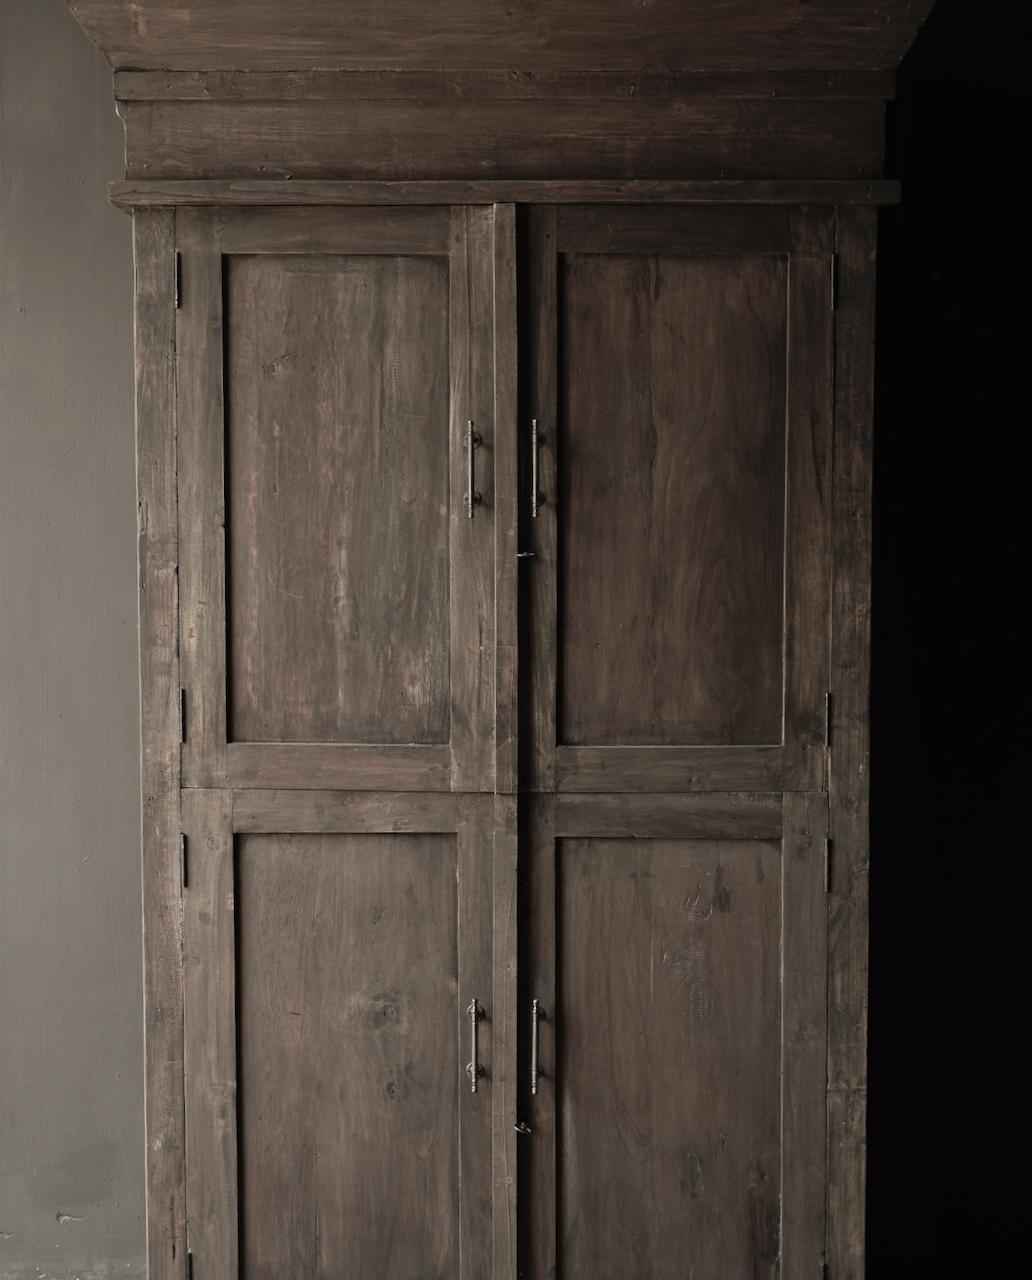 Schöner Tough Rural alter Holzschrank vier Türen-4